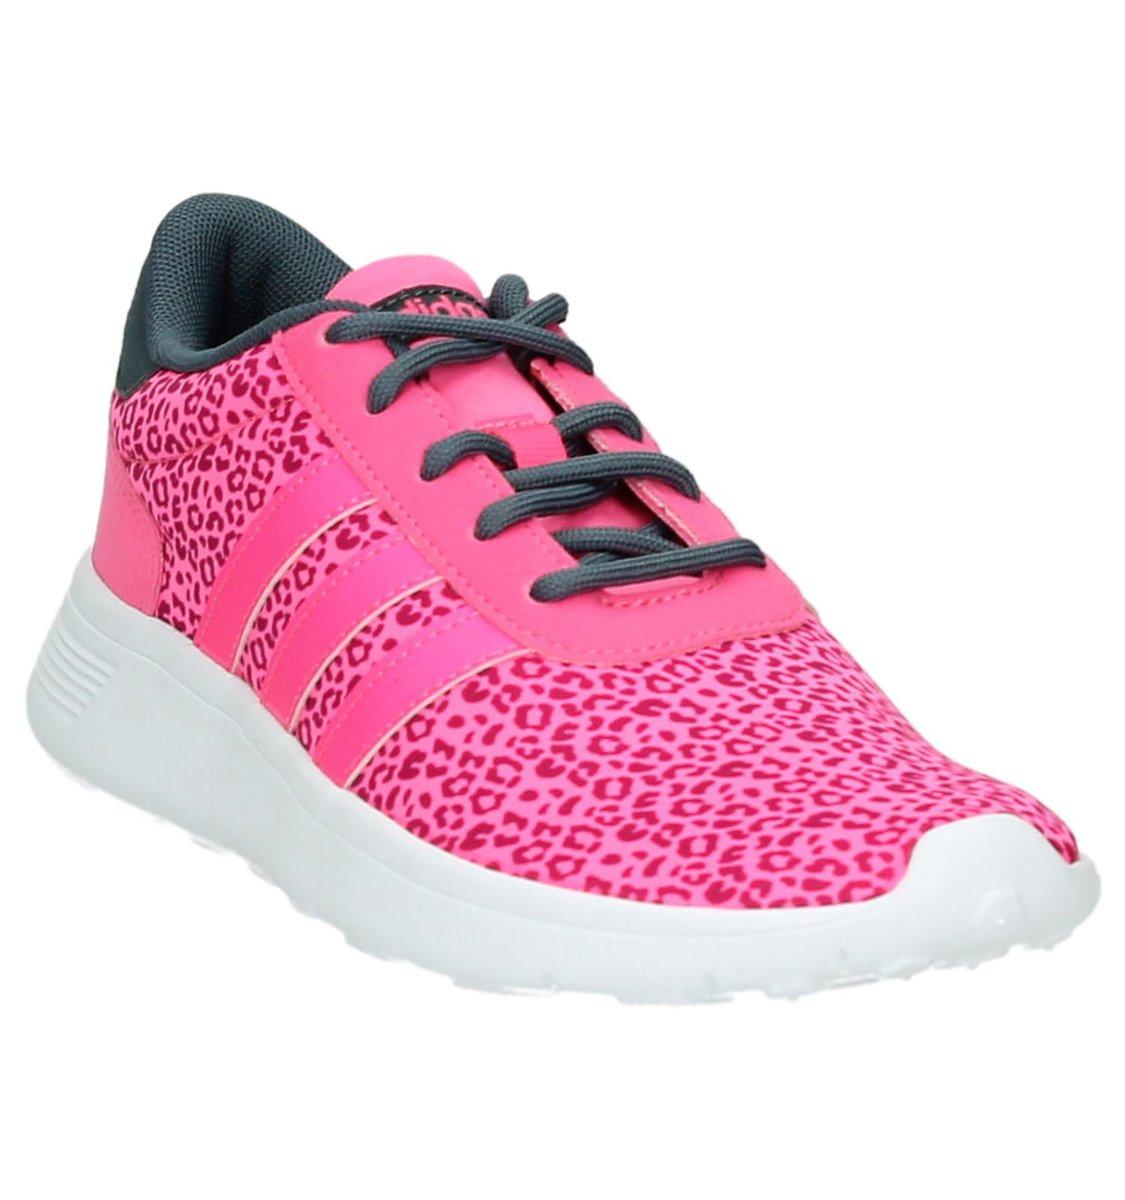 adidas Lite Racer fitnessschoenen meisjes zalm